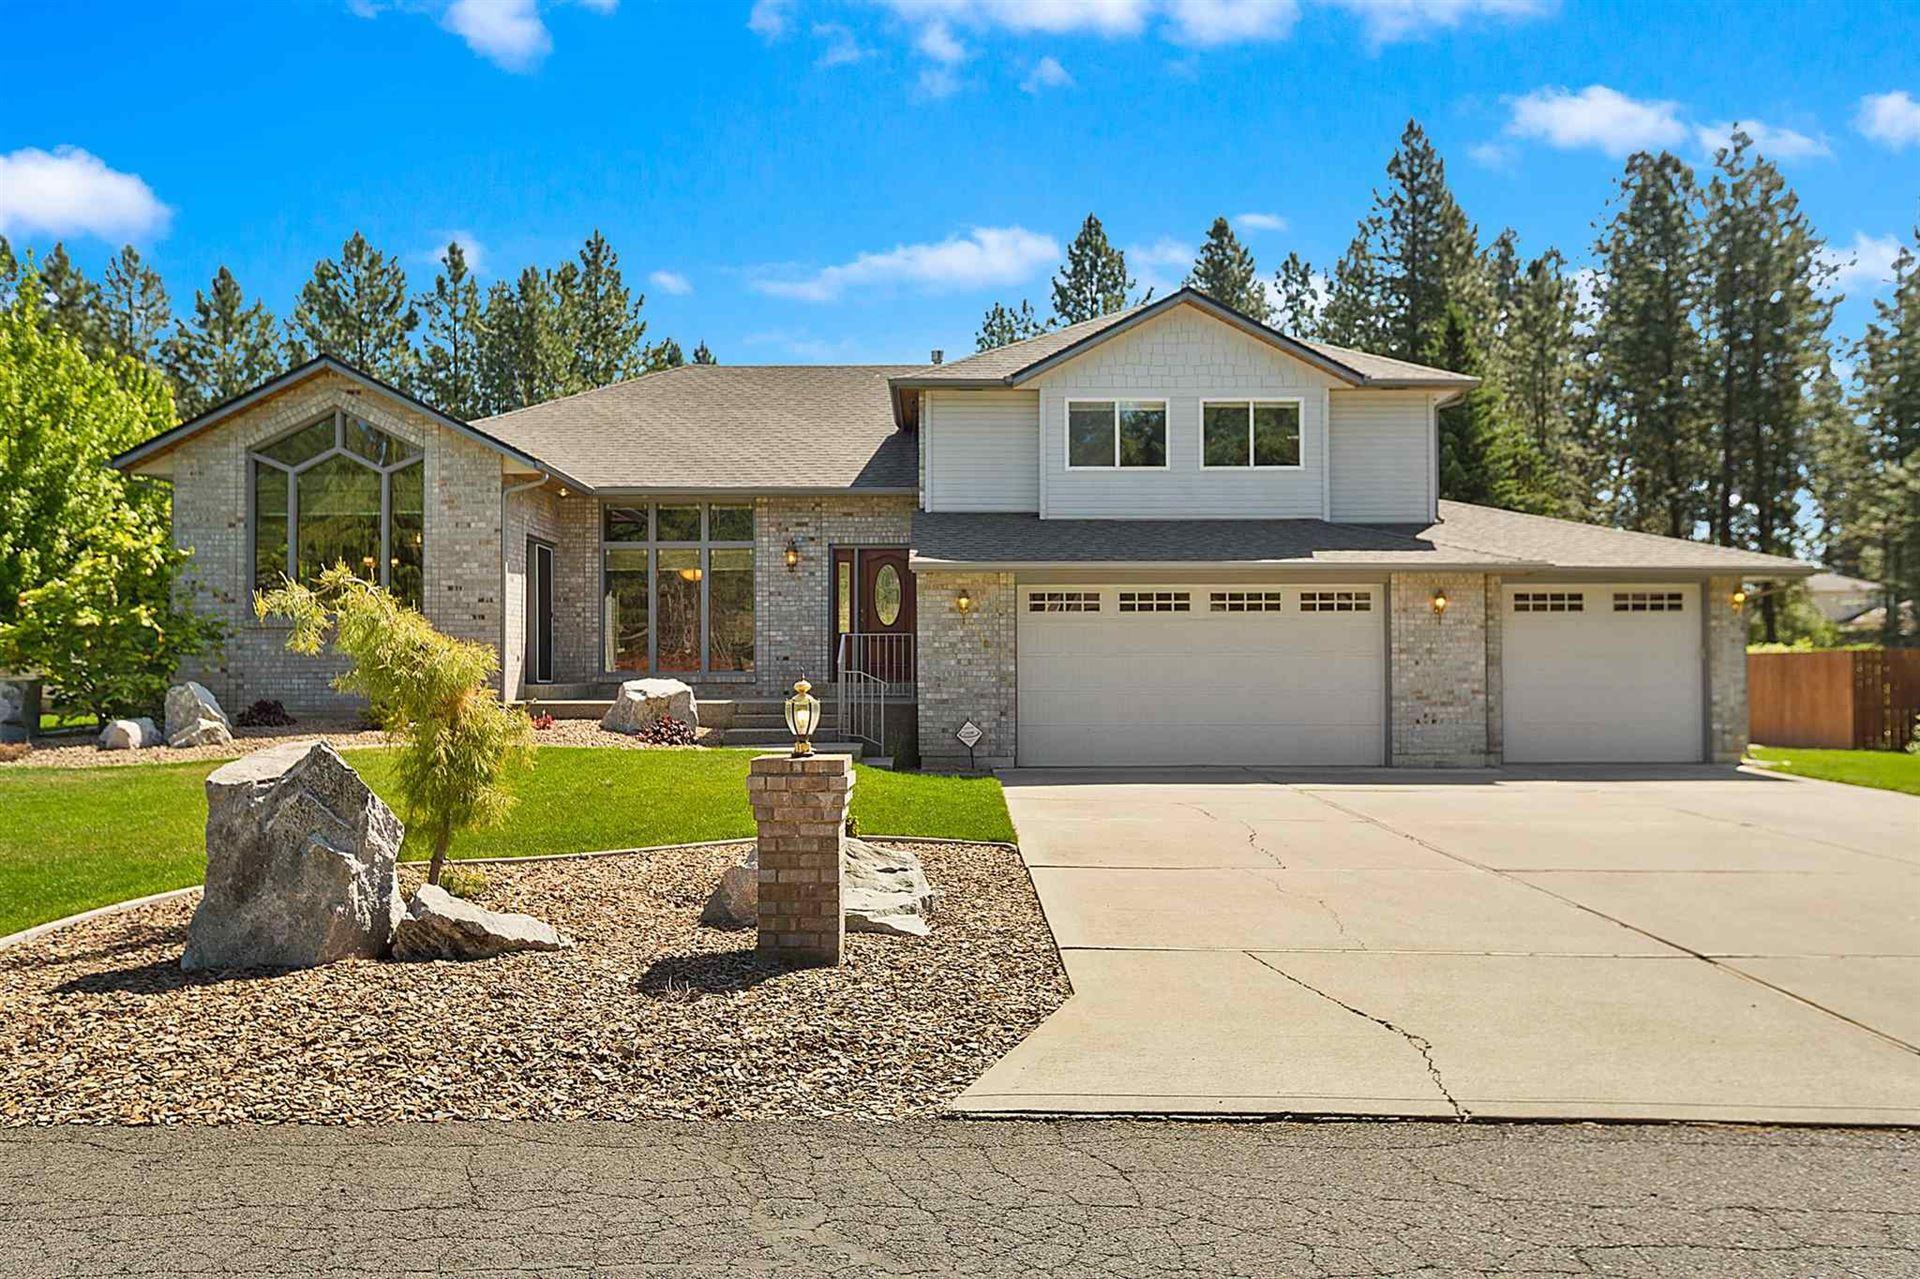 15406 N Lloyd Ln, Spokane, WA 99021 - #: 202117196